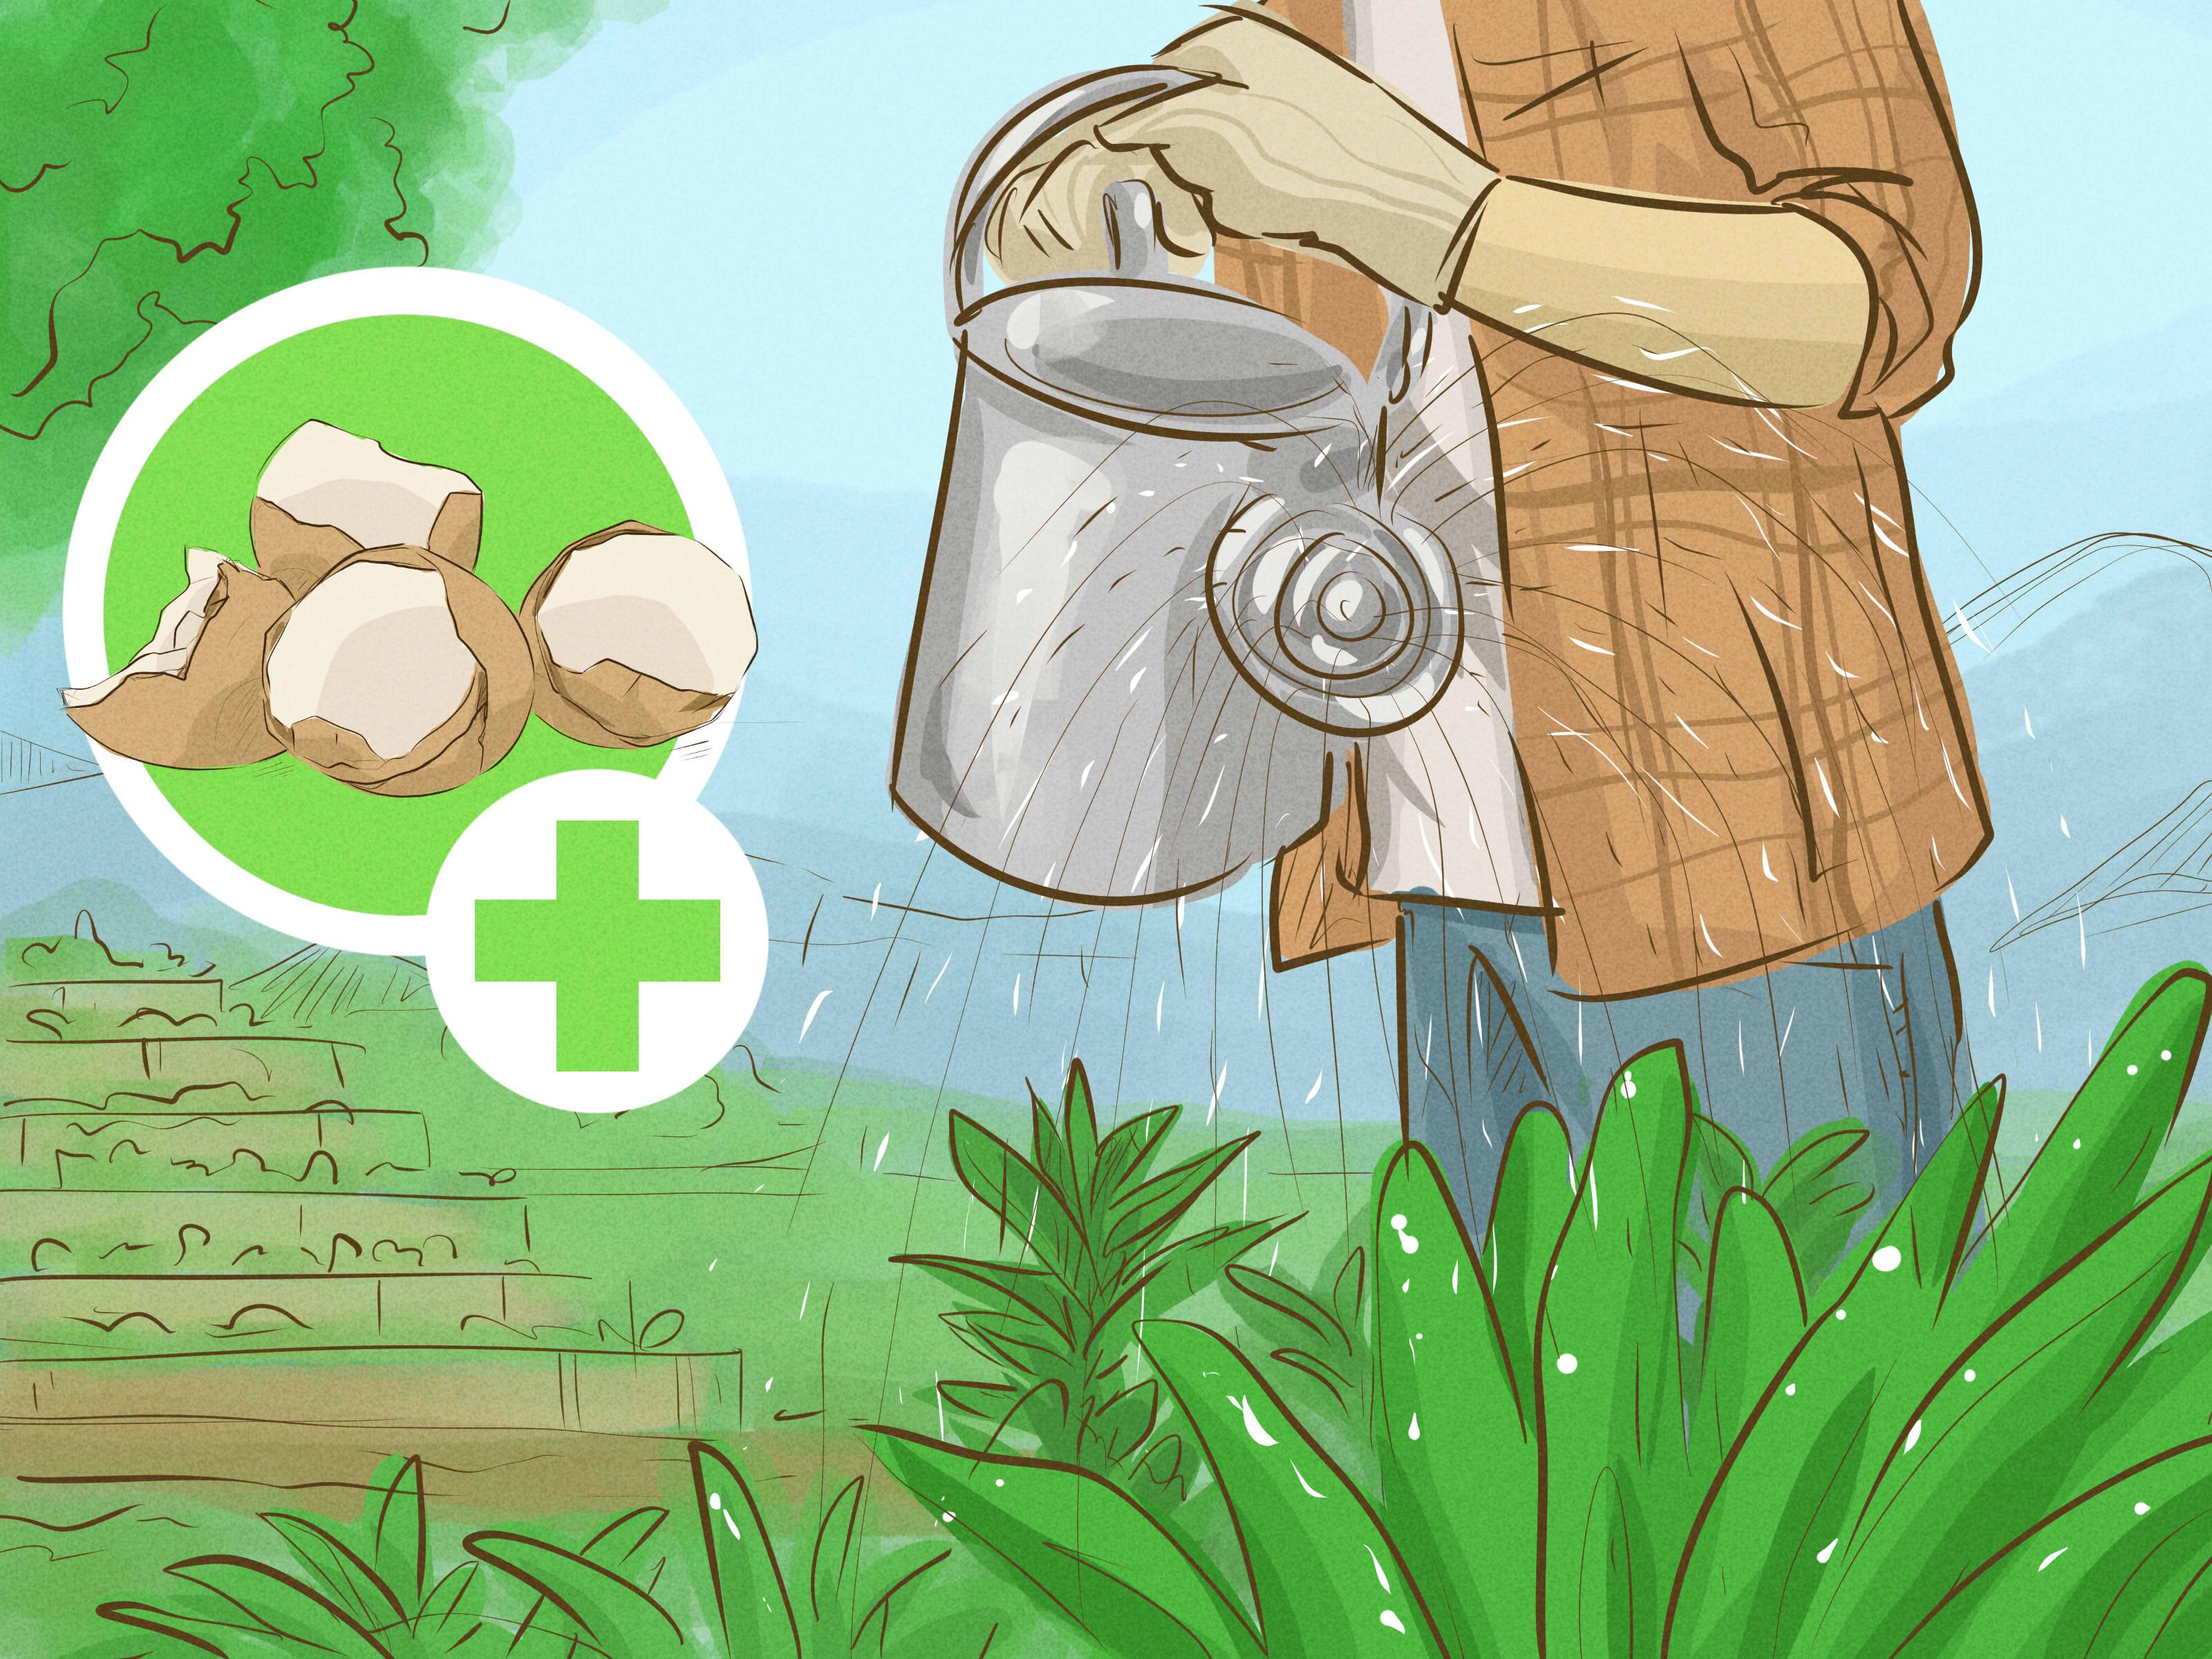 vỏ trứng gà. Dùng trong nông nghiệp. Cung cấp lượng canxi thiết yếu cho cây và lượng phân bón vi lượng tự nhiên. Tăng đề kháng bệnh, phòng ngừa ốc sên.